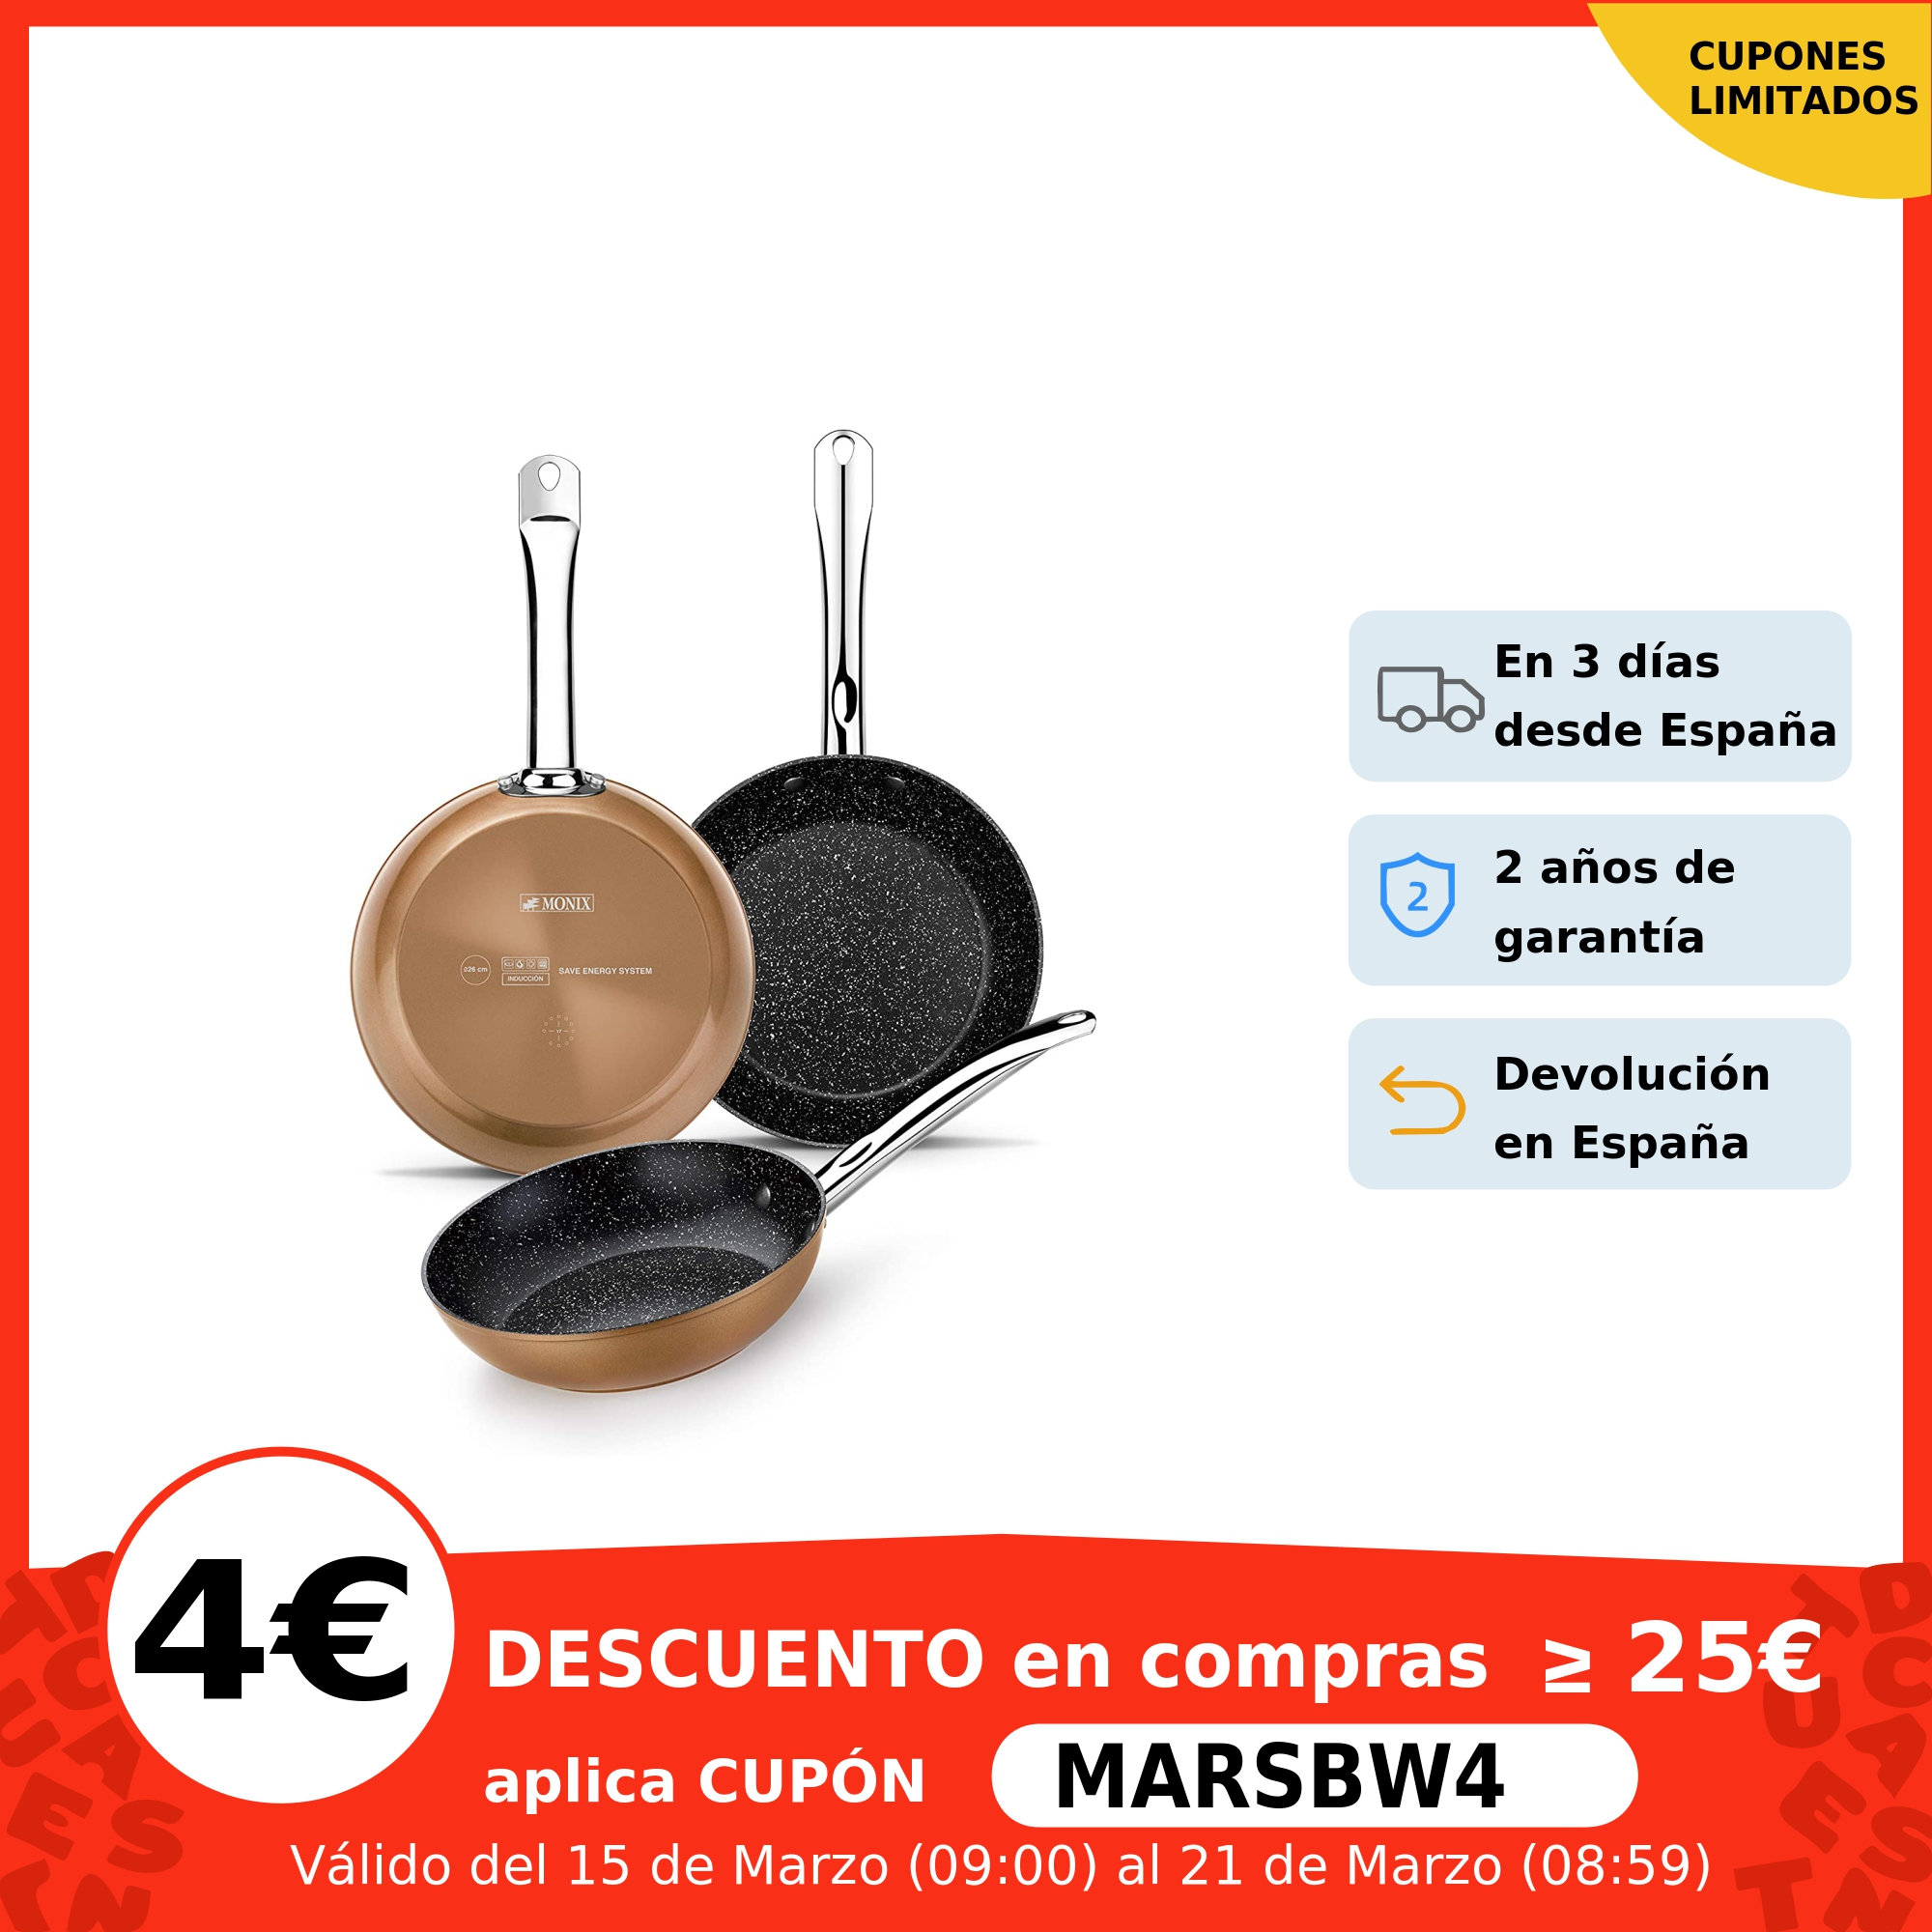 Monix Copper Juego 3 sartenes antiadherentes de aluminio acabado cobre. Set para cocina de gas vitroceramica inducción Juegos de utensilios de cocina  - AliExpress